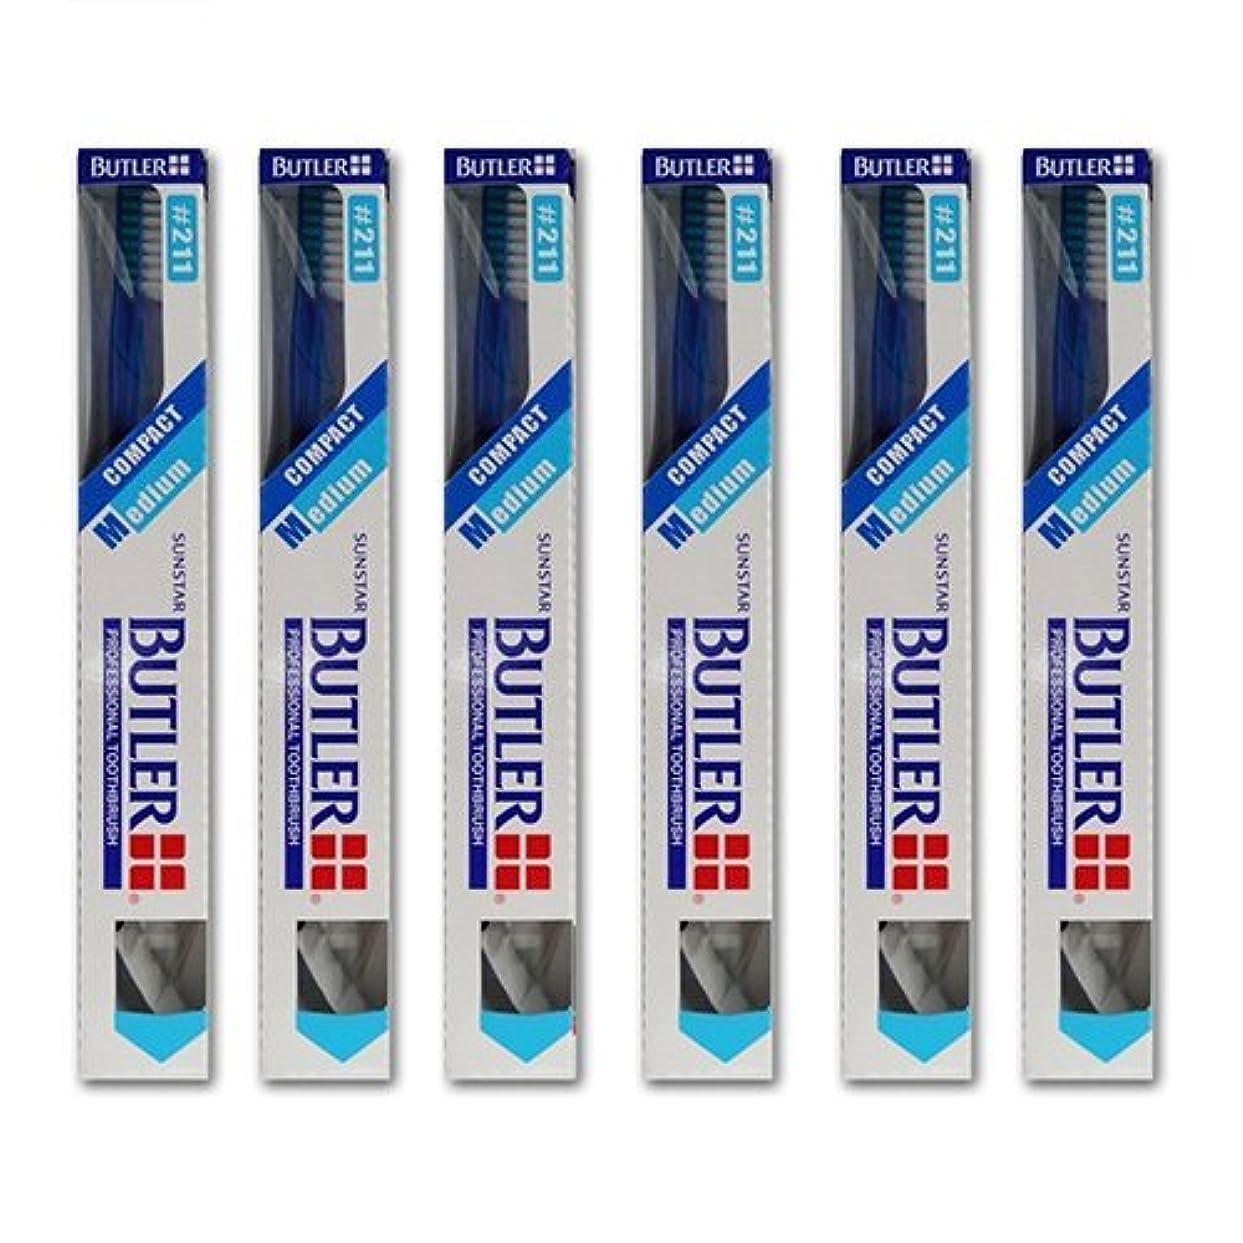 背の高いステンレスリーズバトラー 歯ブラシ 6本 #211